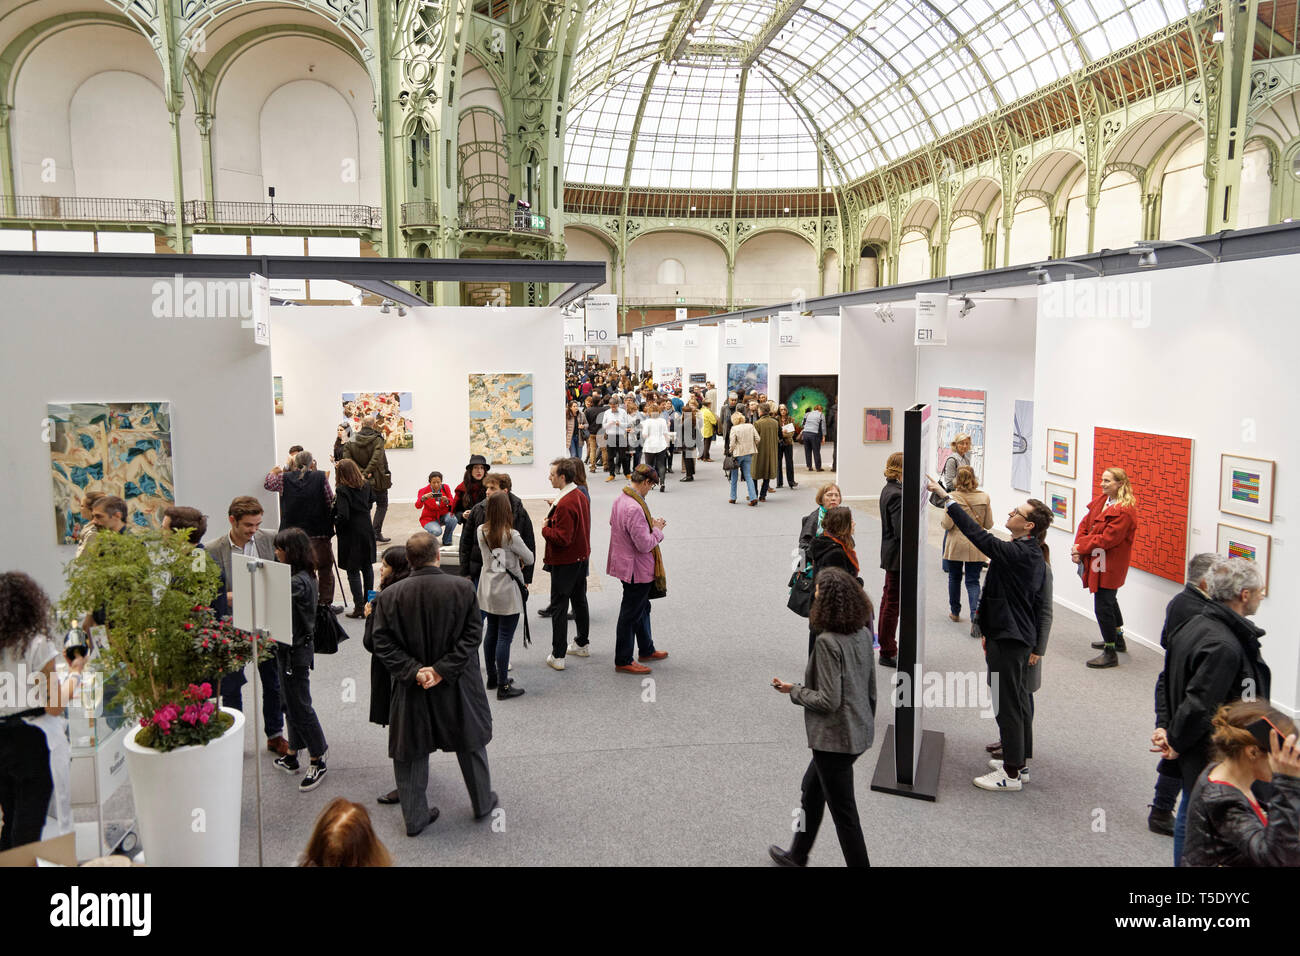 Paris, France. 3th April, 2019. Artwork exibited at Paris Art Fair, Paris, 2019, France. Credit: Veronique Phitoussi/Alamy Stock Photo Stock Photo